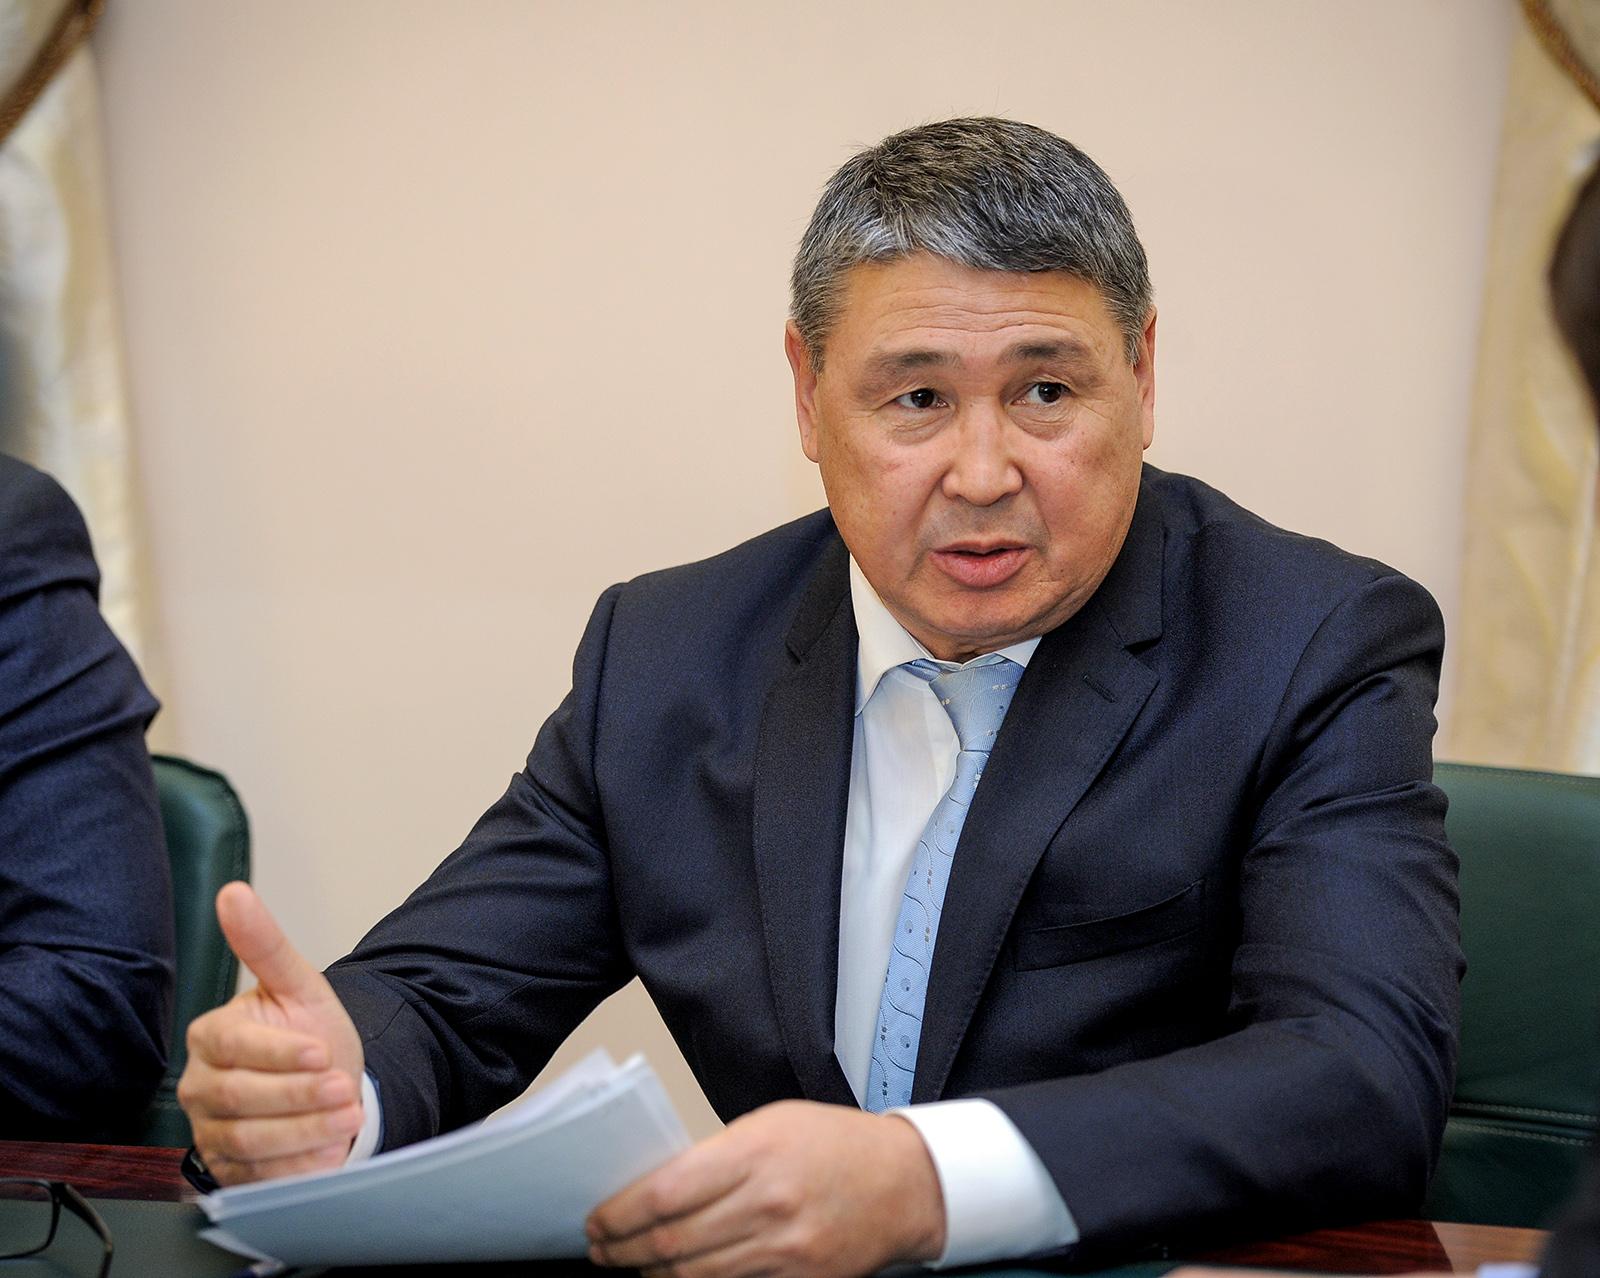 Экс-глава ОАО «Кыргызнефтегаз» пожаловался на СМИ